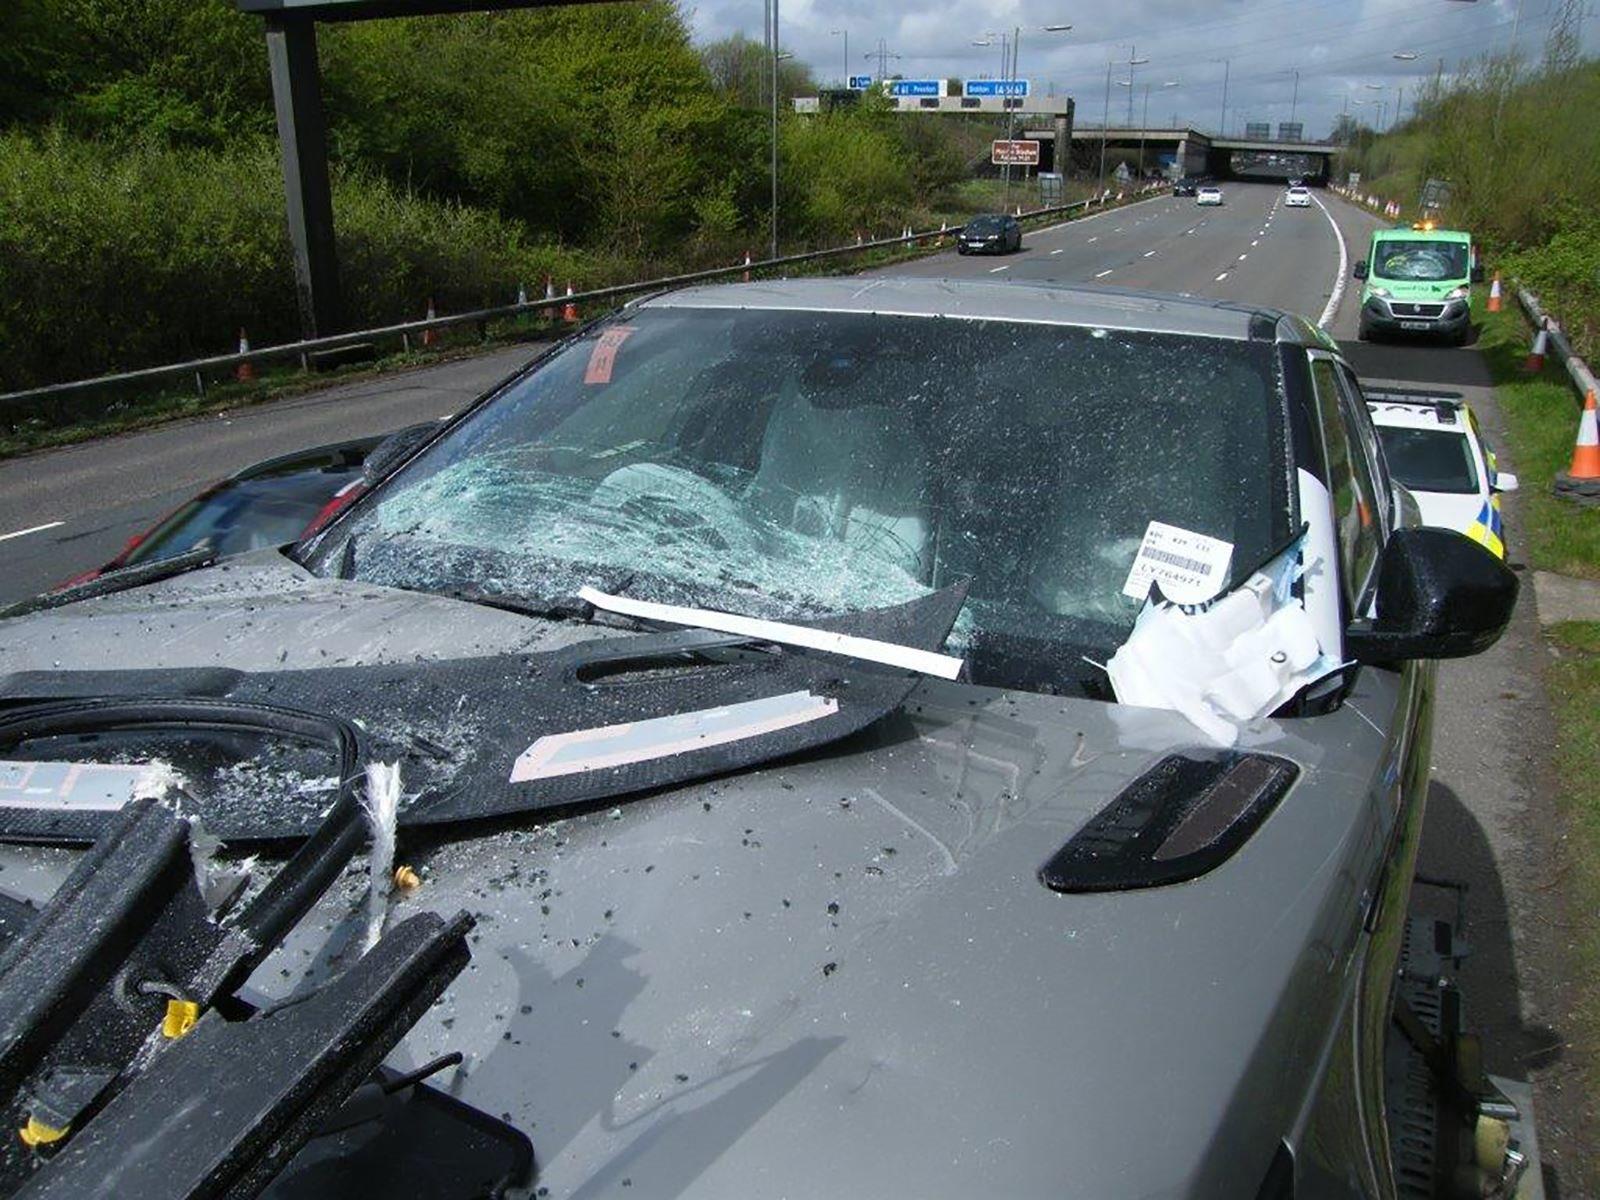 vАвария произошла на трассе M61 вблизи Фарнворта в Великобритании. К счастью, водитель не пострадал, но Velar, очевидно, будет списан. Перевозчик только что доставил часть своего груза в выставочный зал в Болтон и был на пути к другой доставке, когда